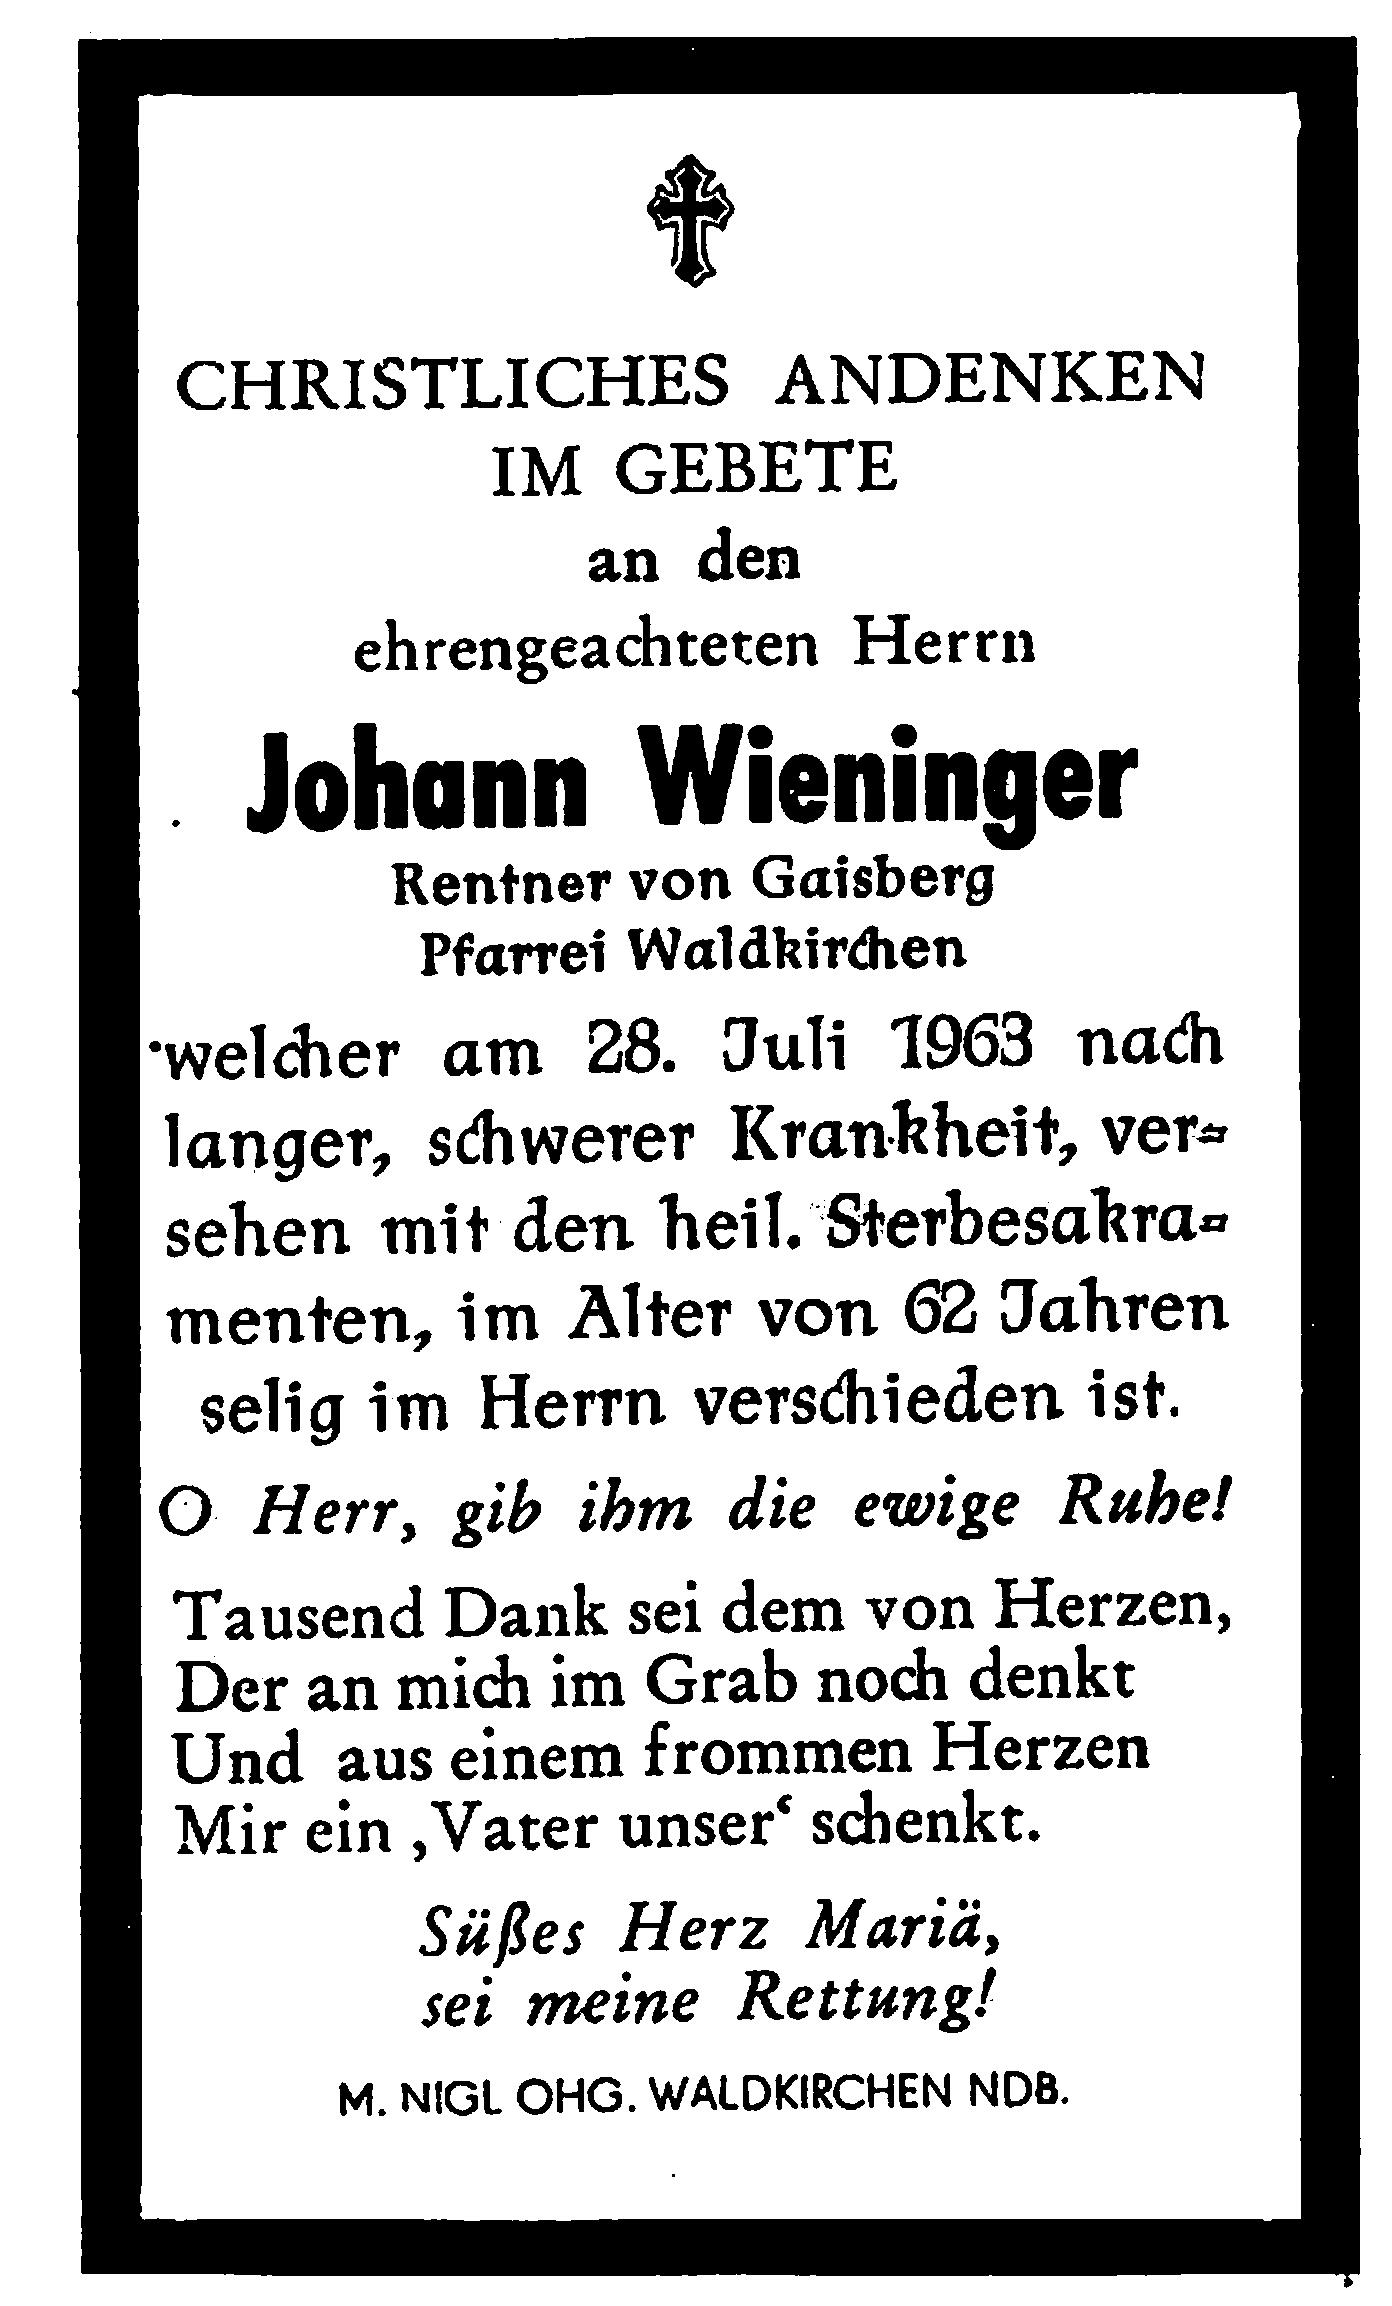 1963-07-28-Wieninger-Johann-Gaisberg